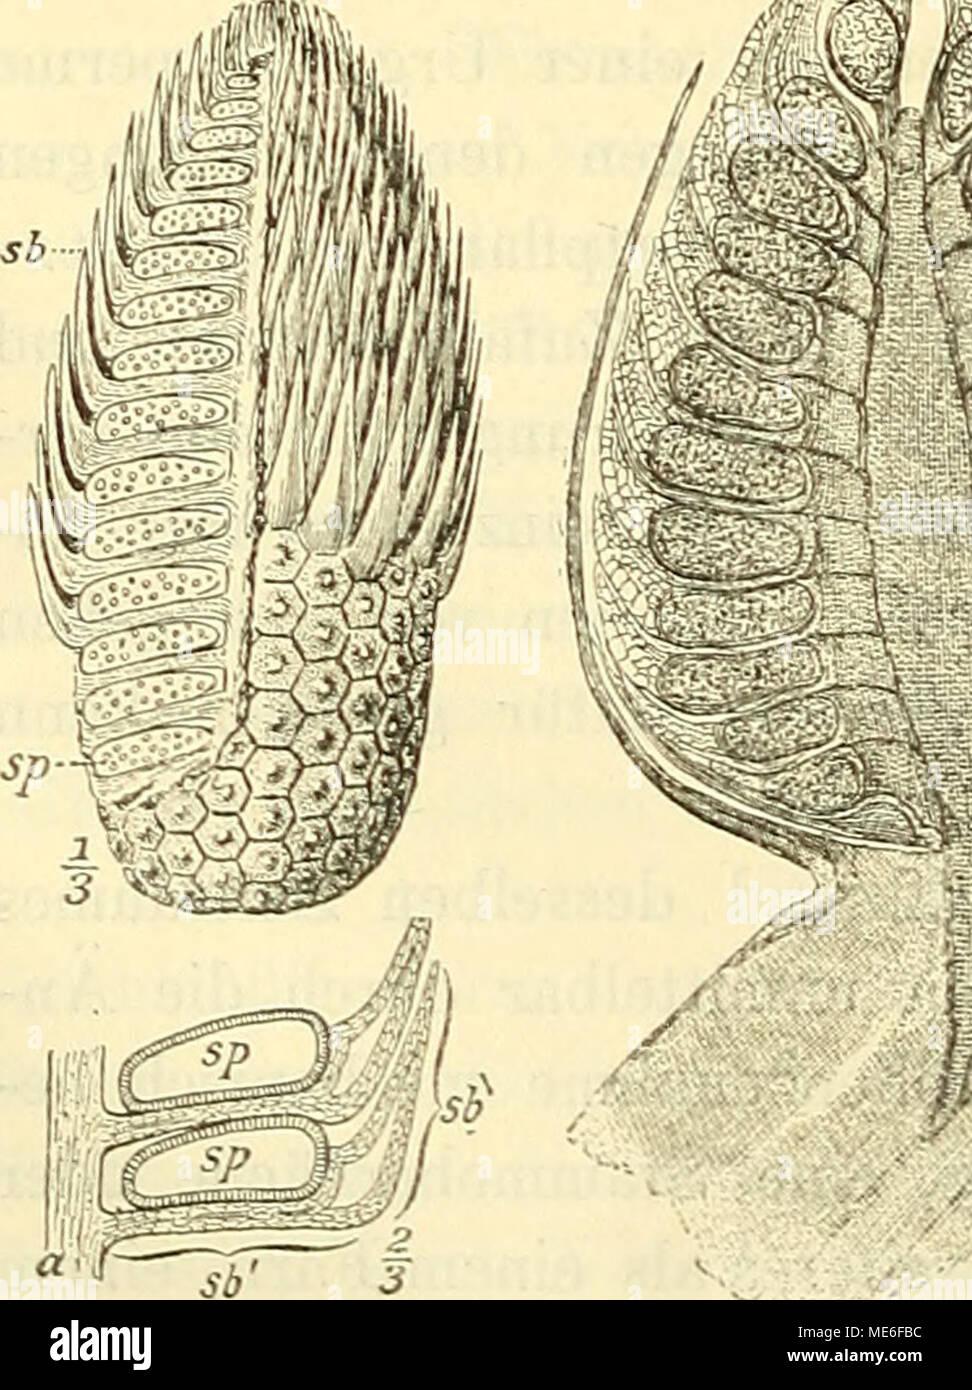 . Die geologischen grundlagen der abstammungslehre . ^ Fig. 58. Ein Zapfen von Lepidodendron aus dem Kar- bon (links) und von Pinus montana, einer Konifere (rechts). Nach (Schimpee) Steinmanx und (Steas- buegee) Exglee-Pbantl. - Stock Image